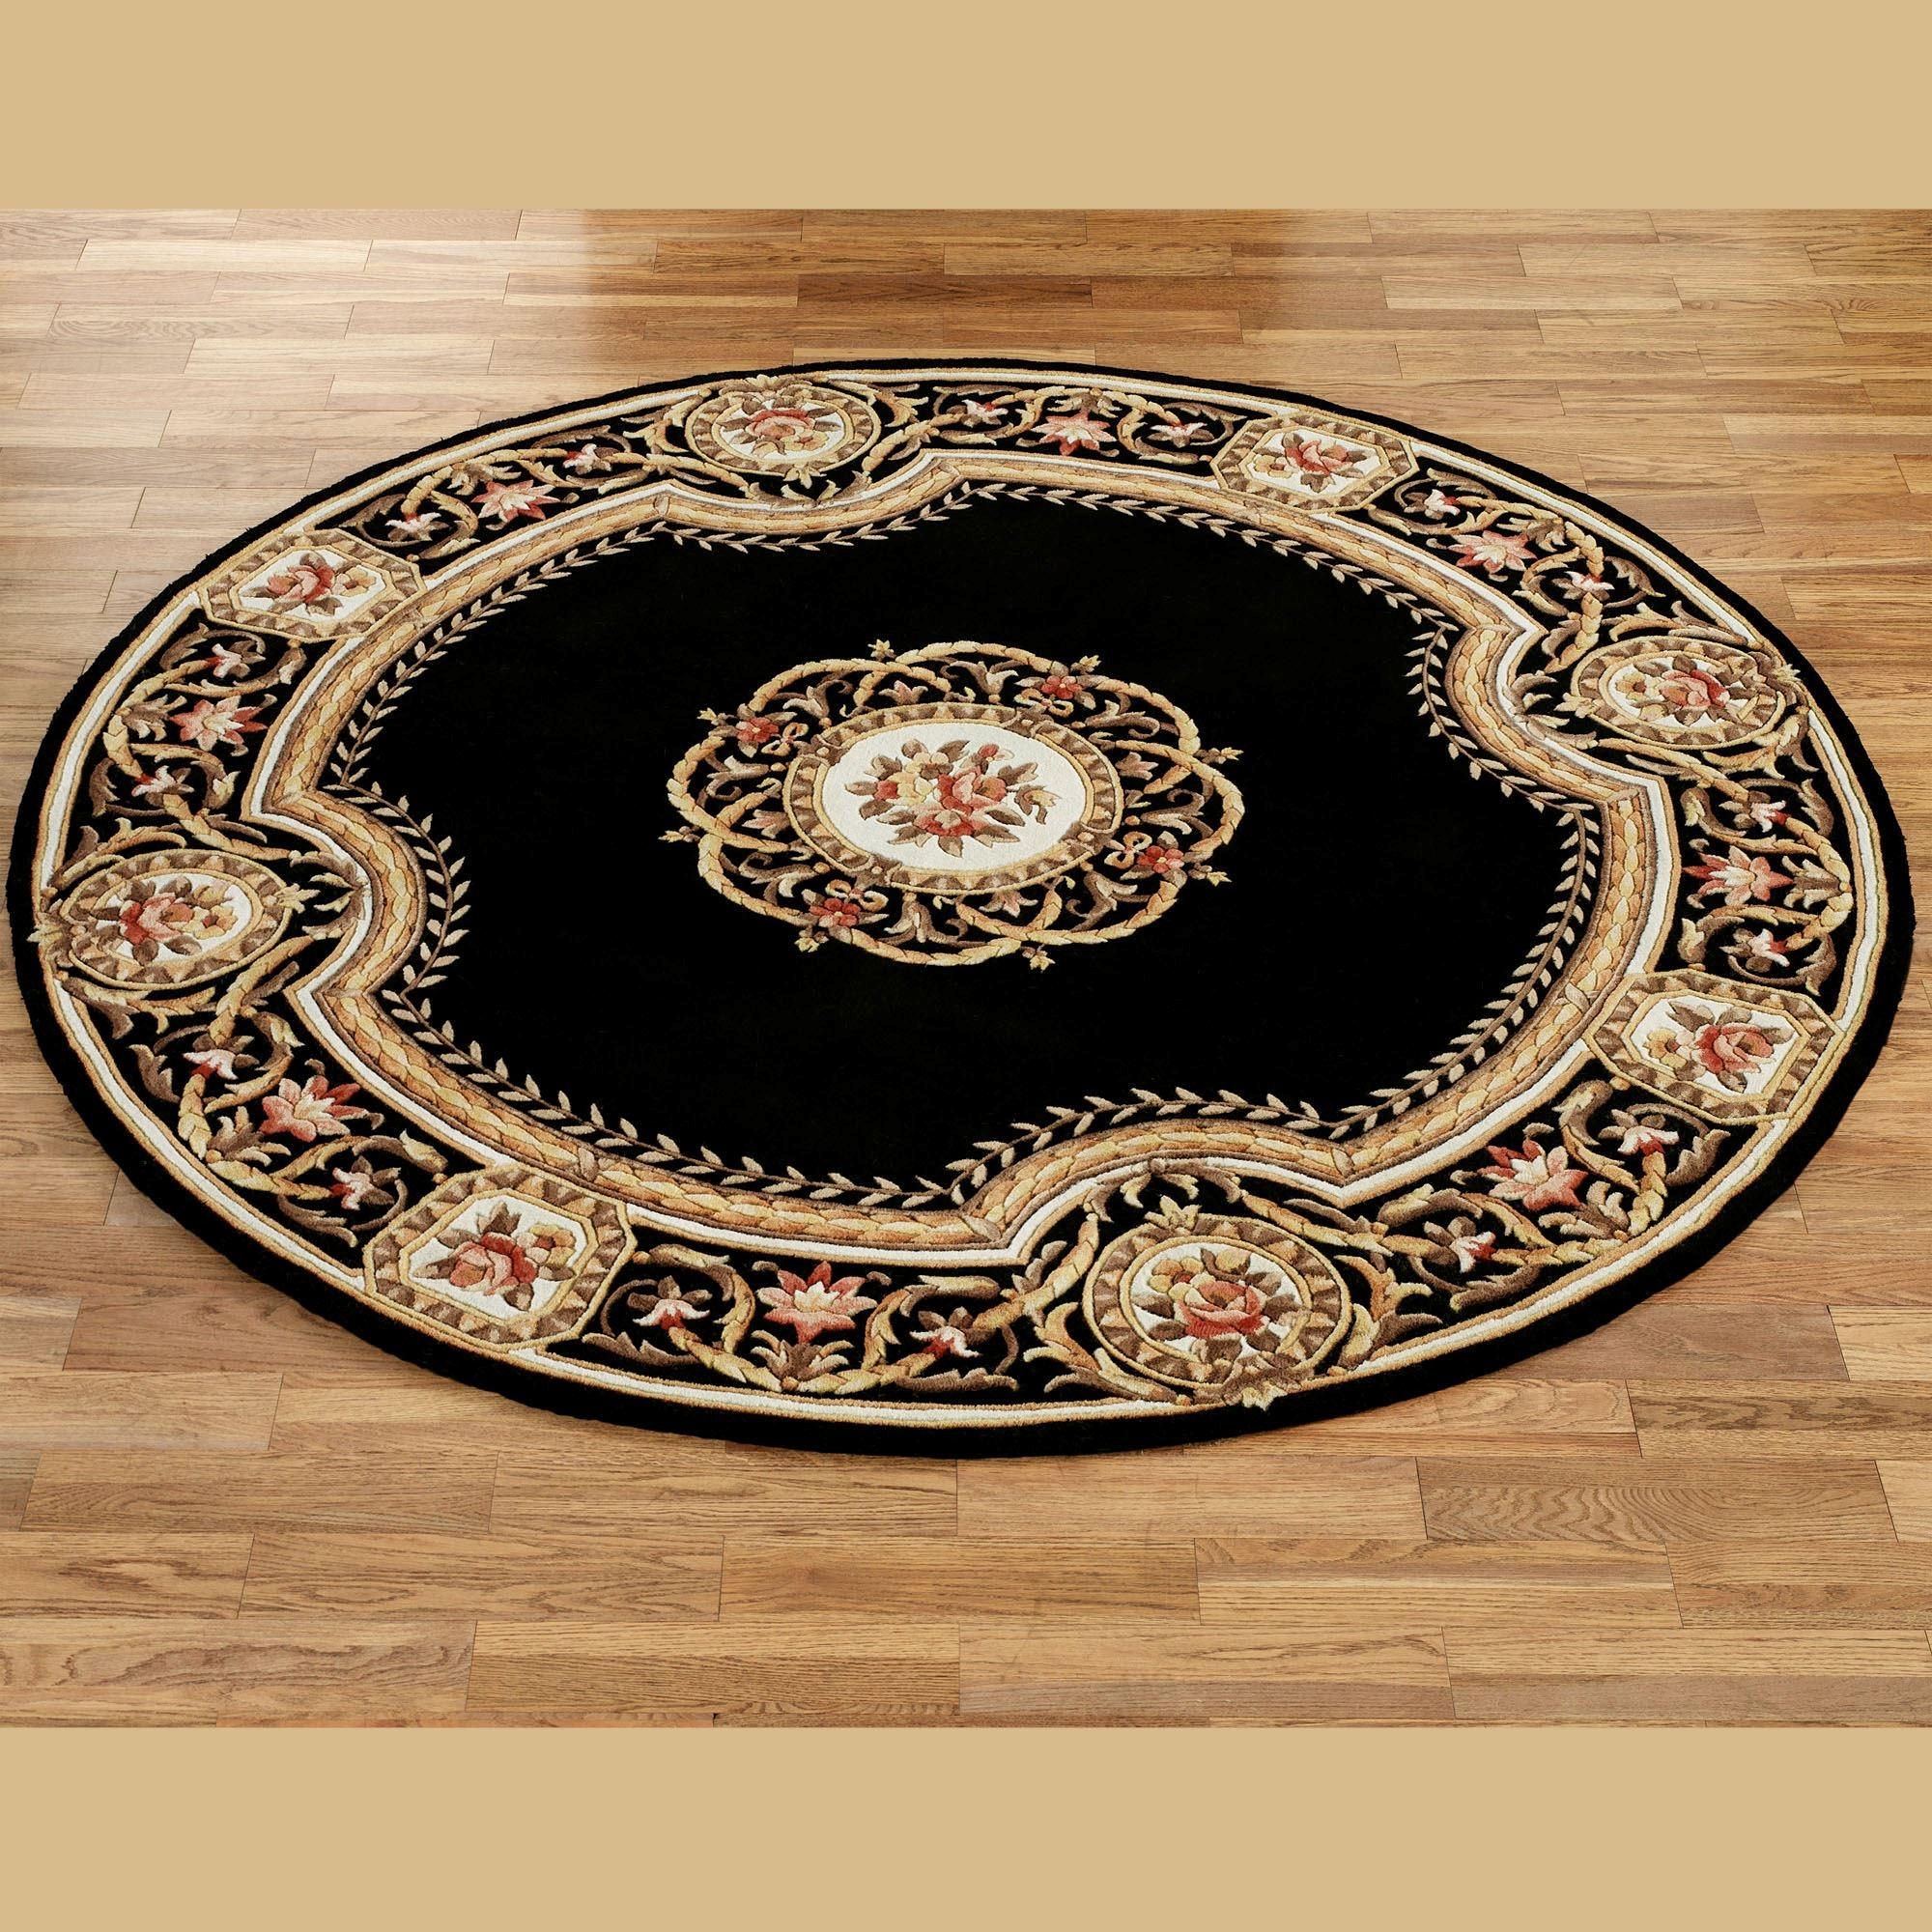 Elegant Medallion Round Wool Area Rugs Pertaining To Round Wool Area Rugs (#7 of 15)